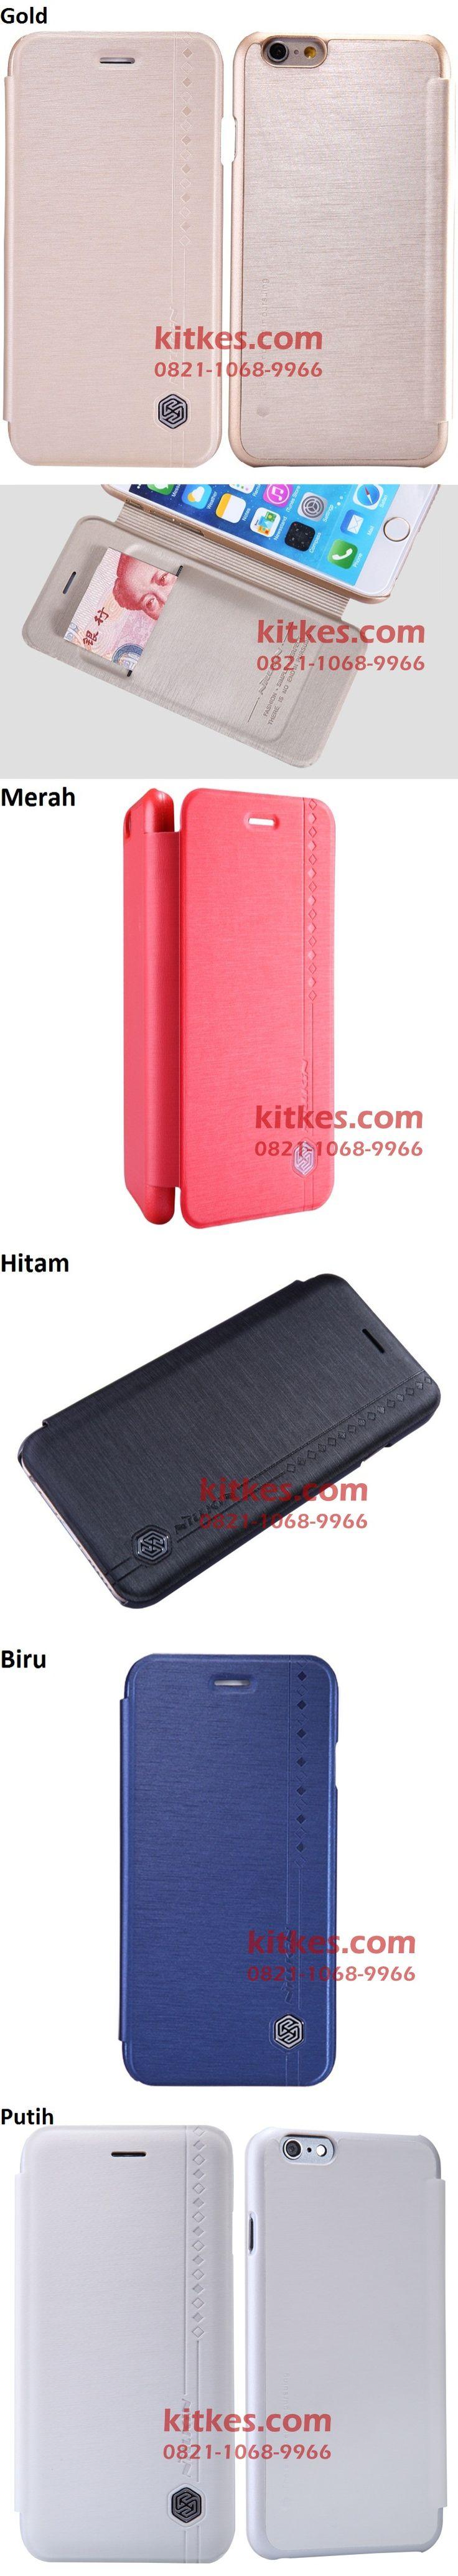 Nillkin Rain Leather Case iPhone 6  ---  http://kitkes.com/product/197/883/Nillkin-Rain-Leather-Case-iPhone-6/?o=default